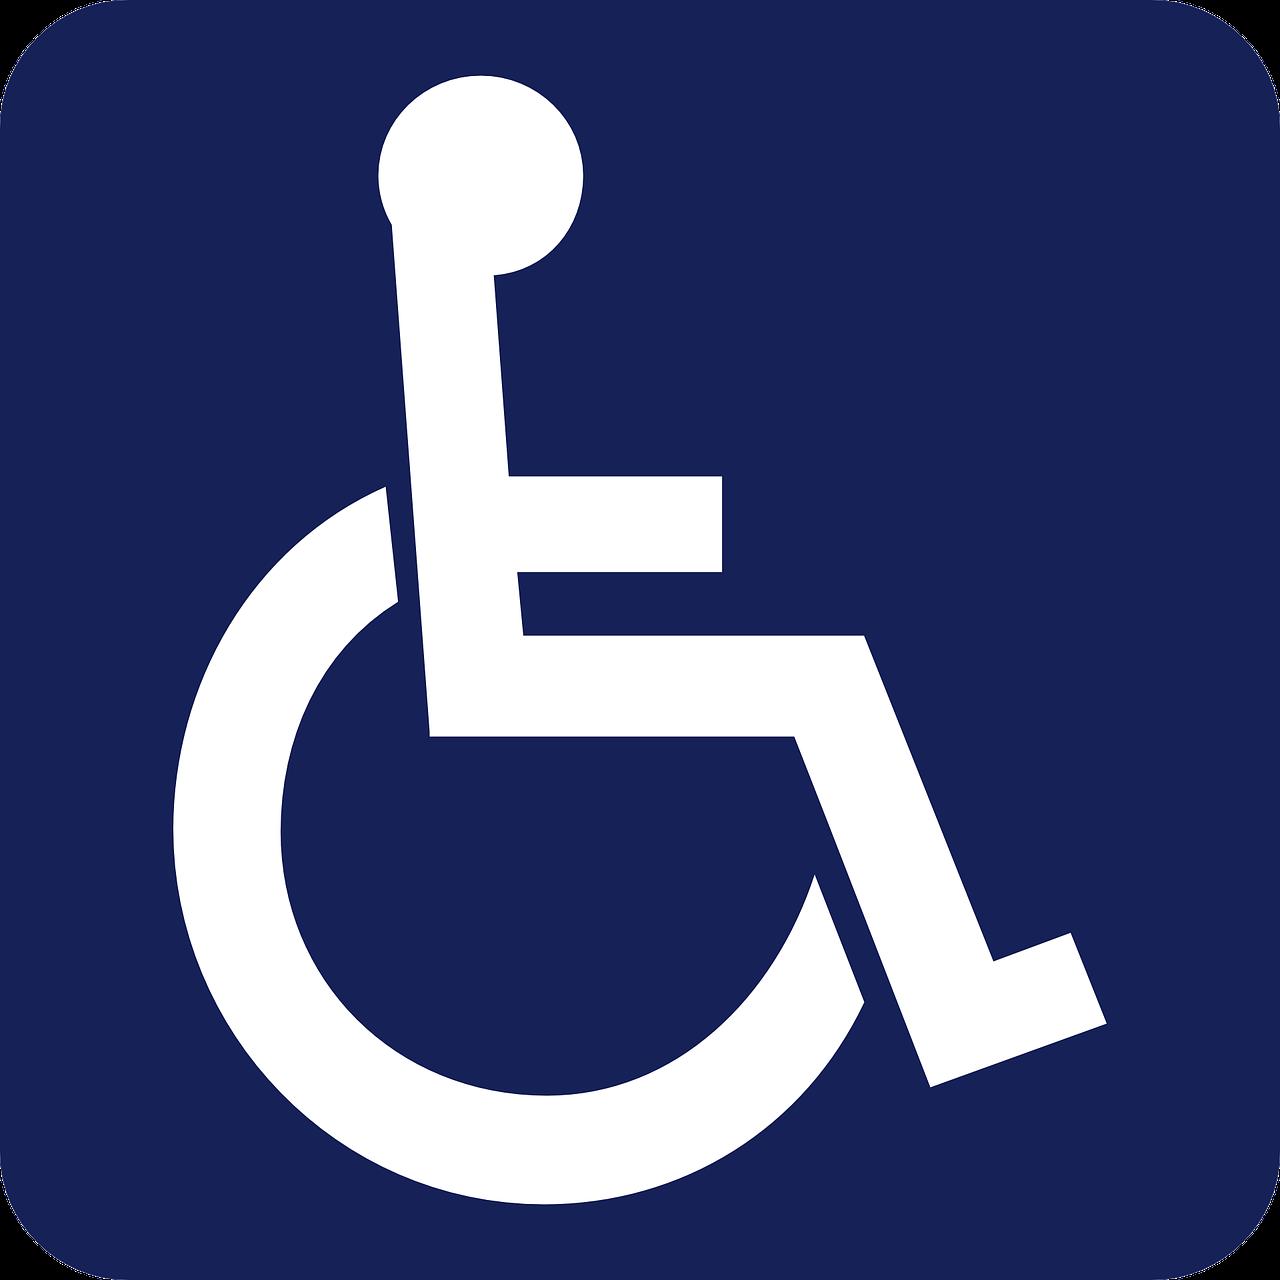 Cavent Woonvoorziening Numansdorp ervaring instelling gehandicaptenzorg verstandelijk gehandicapten